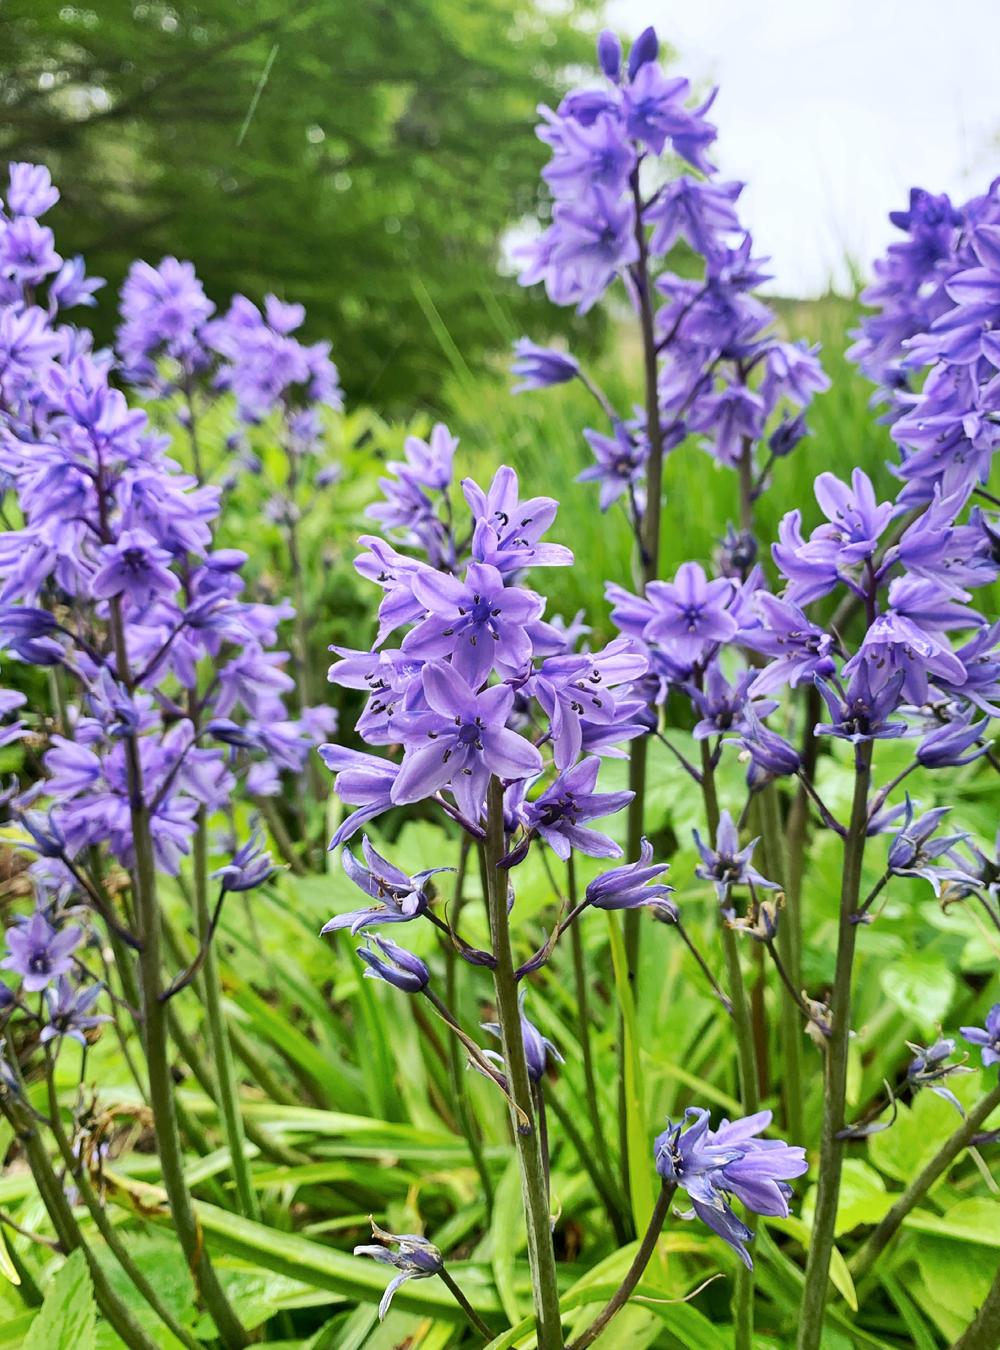 Rainy bluebells in the Parade Gardens, Bath - Emma Louise Layla, UK travel & lifestyle blog